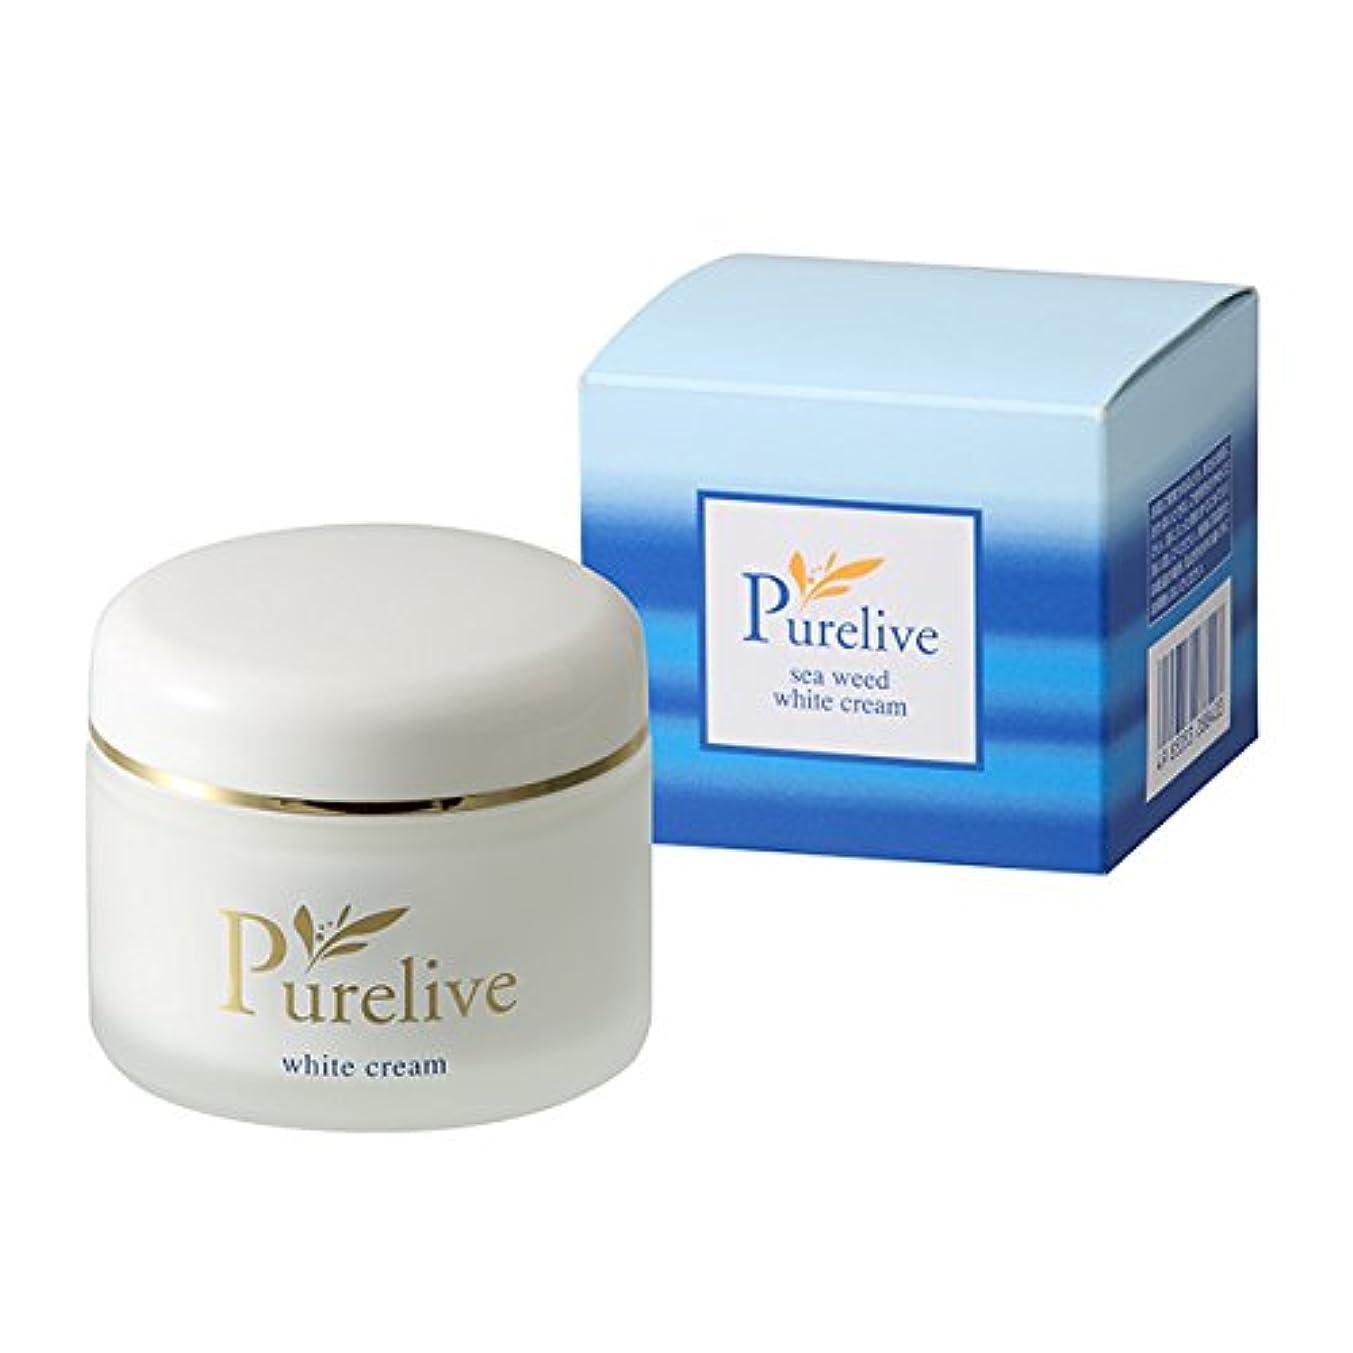 促進する気性悲観的[PURELIVE] ホワイト モイスチャークリーム White Moisture Cream‐KH320